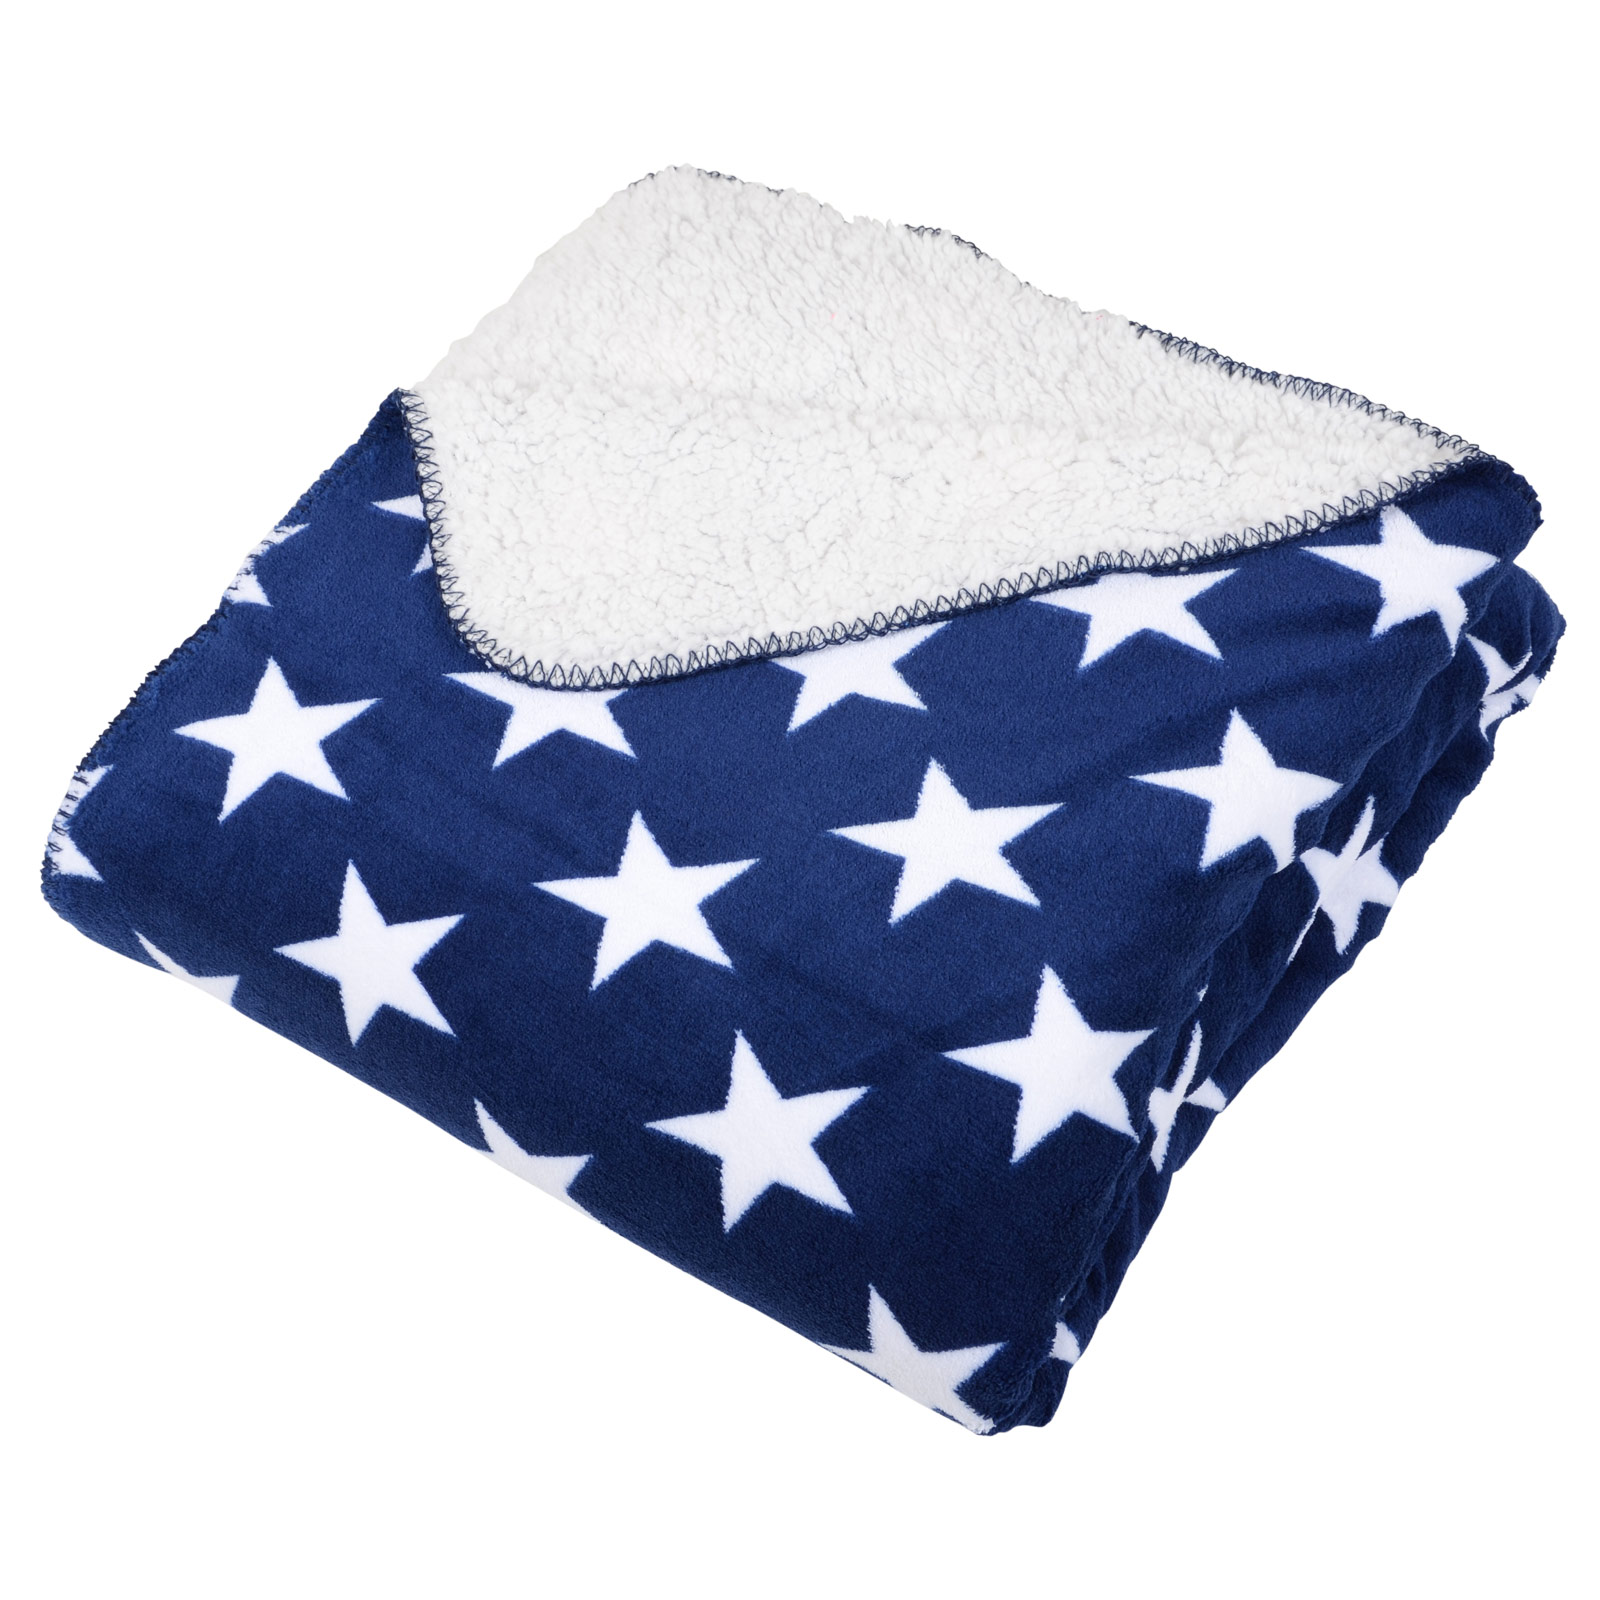 Stars Design Warm Fleece Blanket Soft Sherpa Luxury